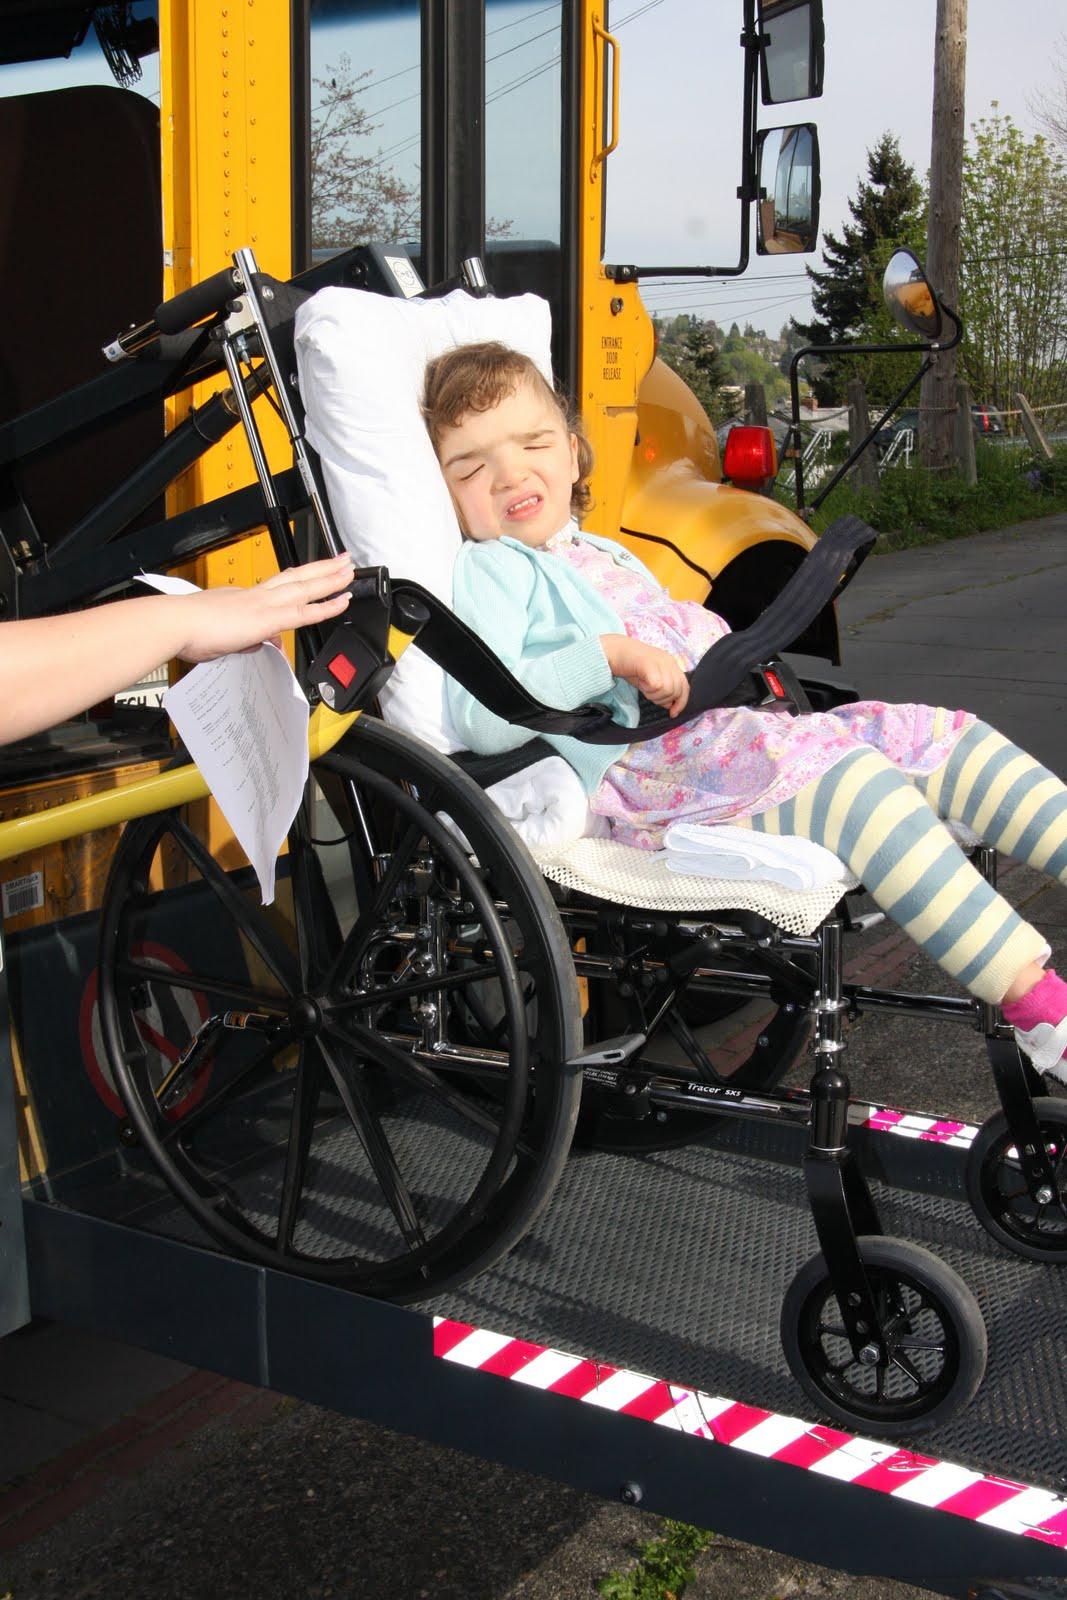 Paraplegic fills all her holes intimaterider - 1 part 2